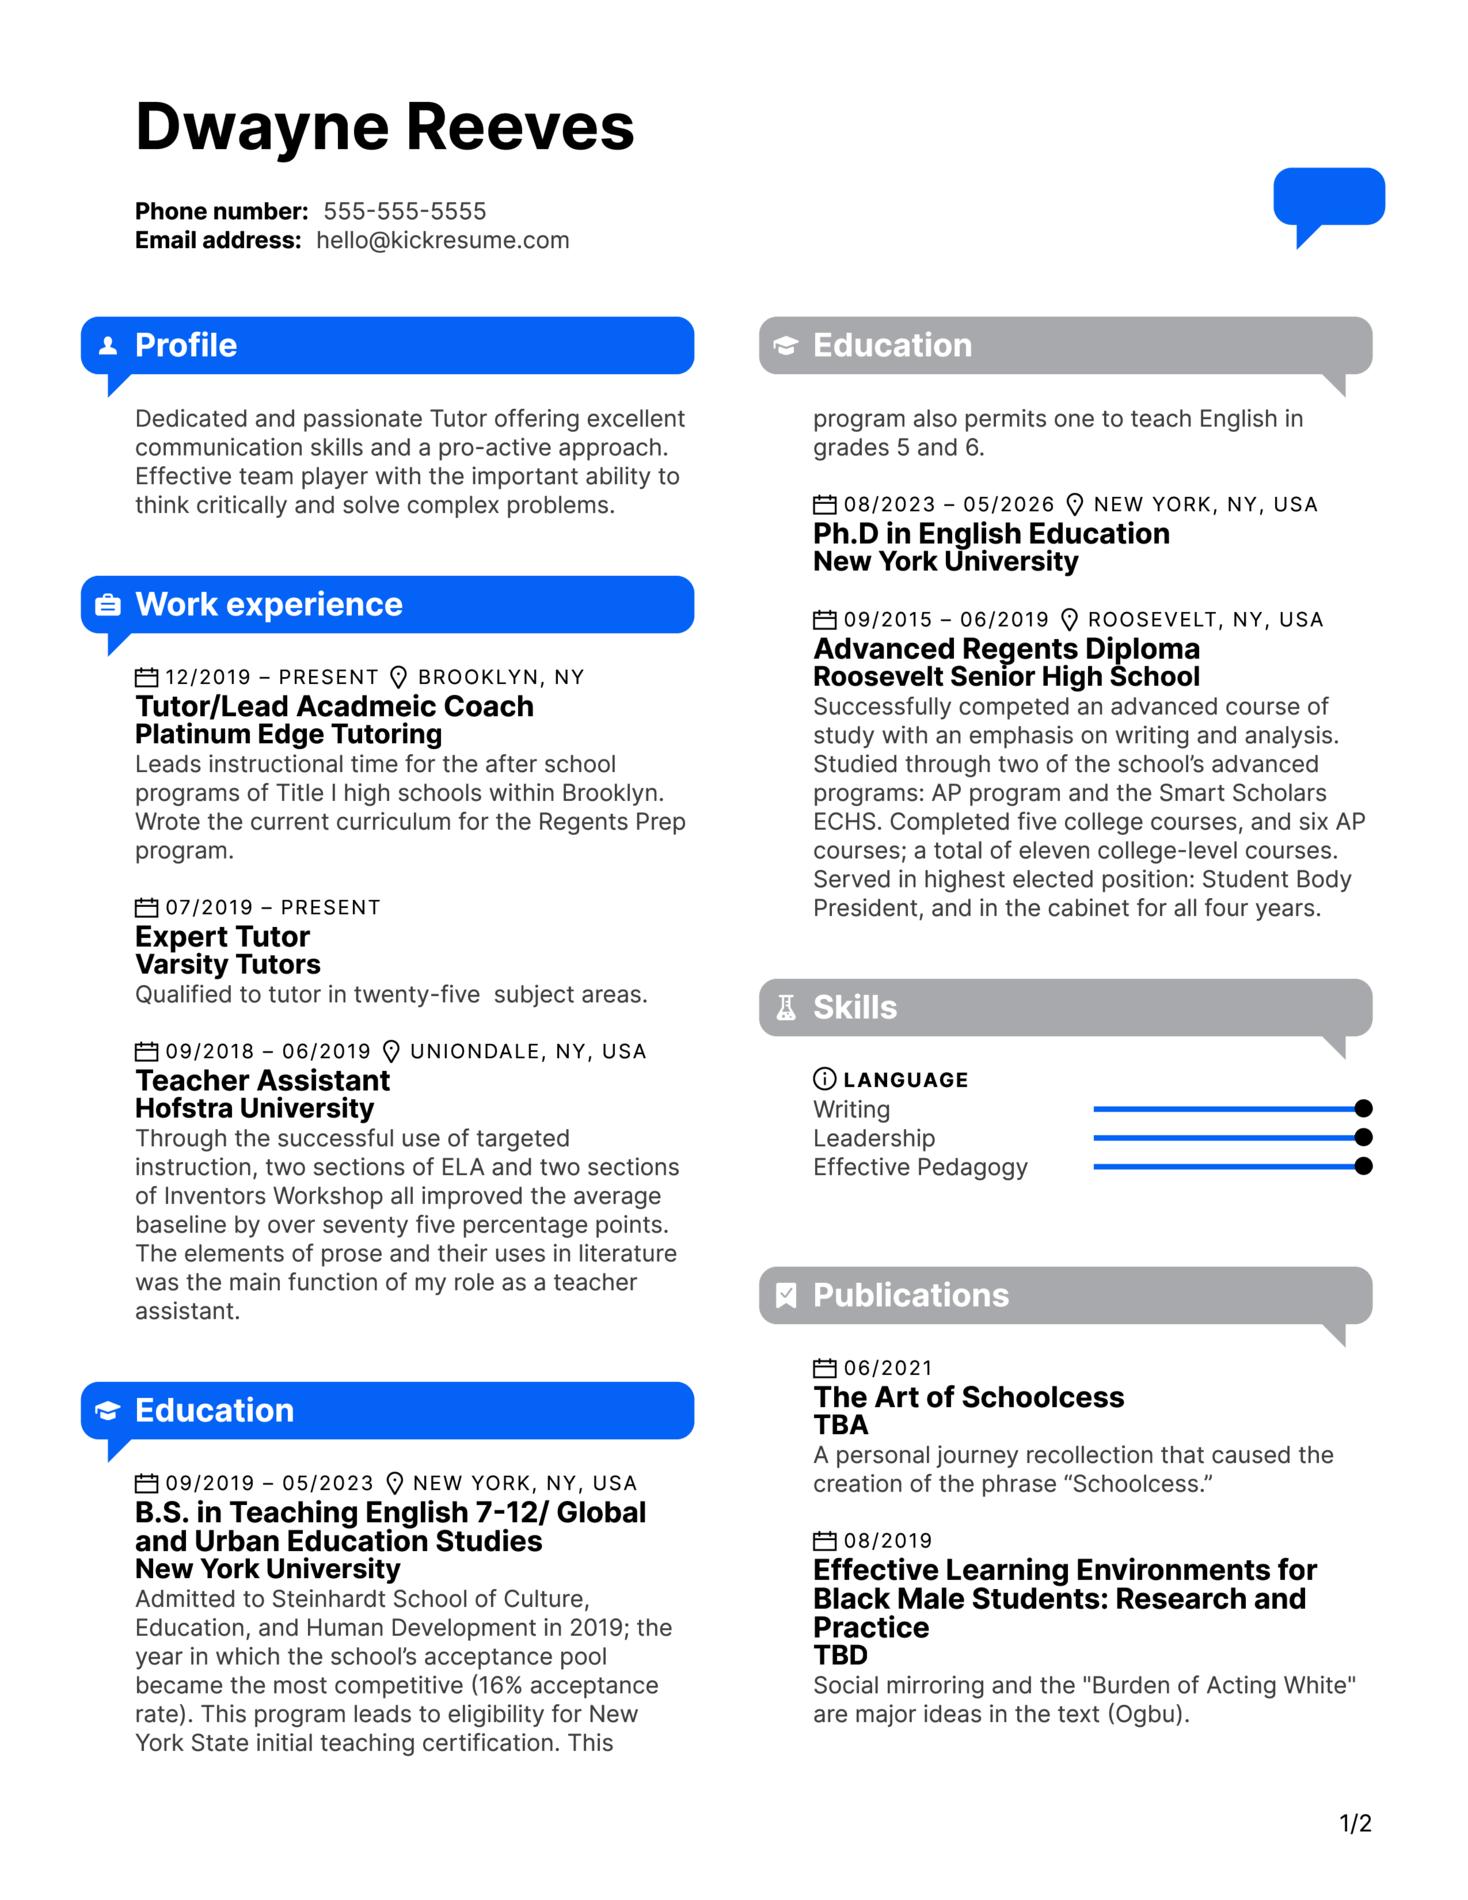 Tutor Resume Sample (časť 1)